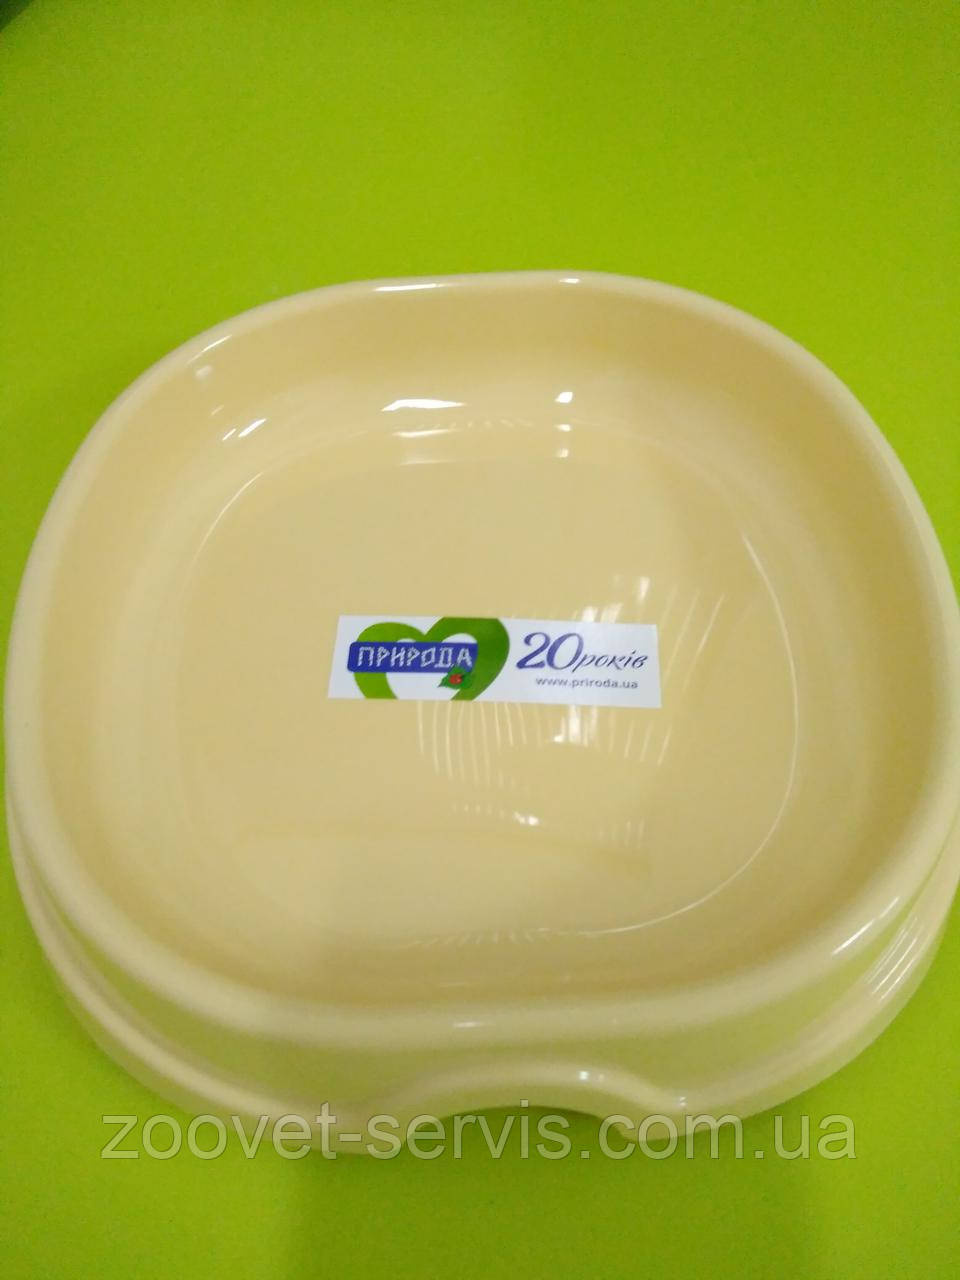 Миска для перса 0,4 литра